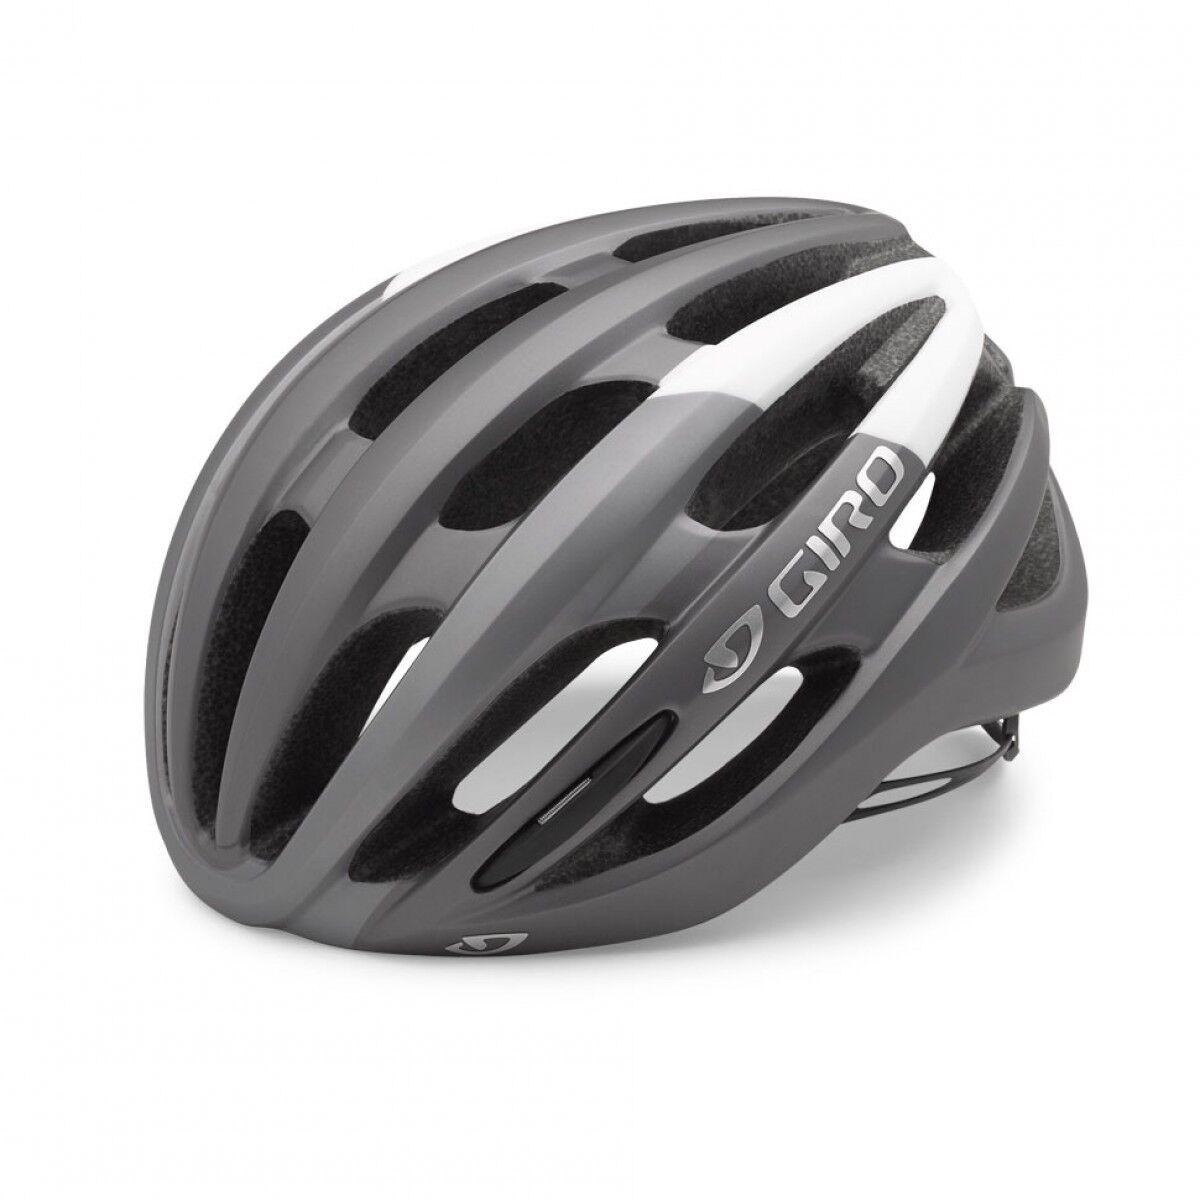 Giro Foray Mountain bike/bicicleta de carretera ciclismo casco casco ciclismo ligero ajustable-tw/L 62d1da